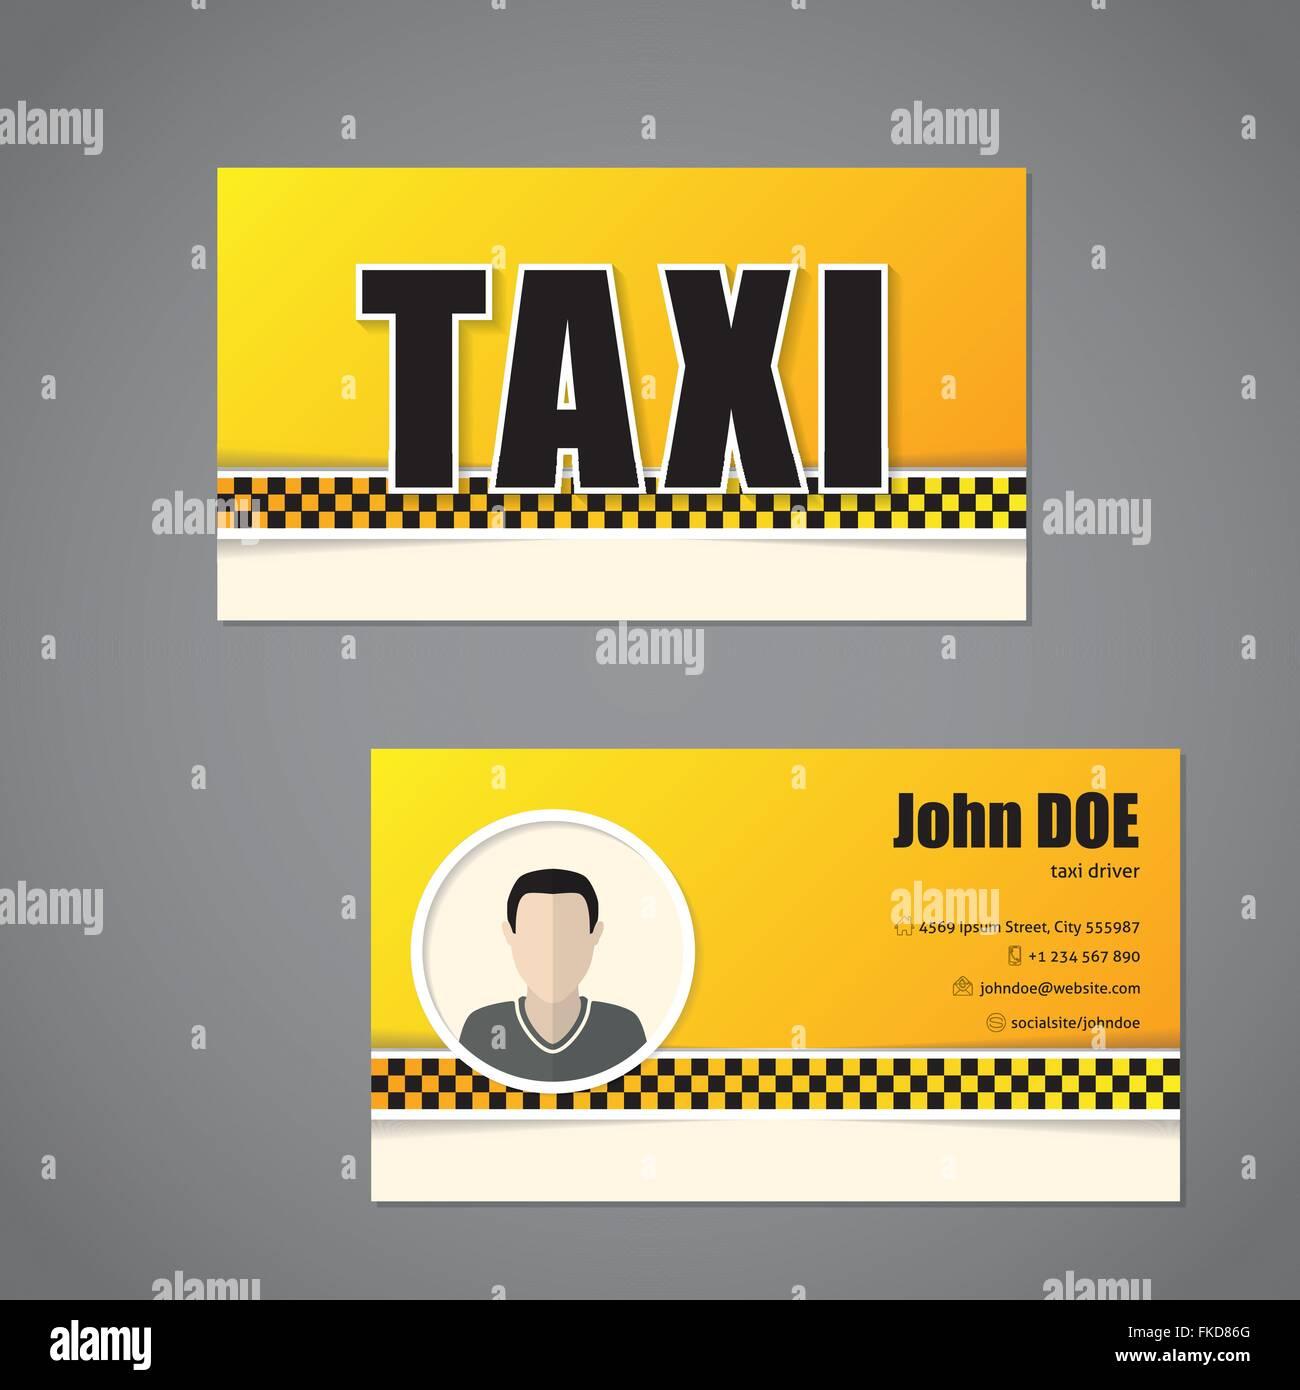 Taxi Visitenkarten Vorlage Design Mit Fahrer Foto Auf